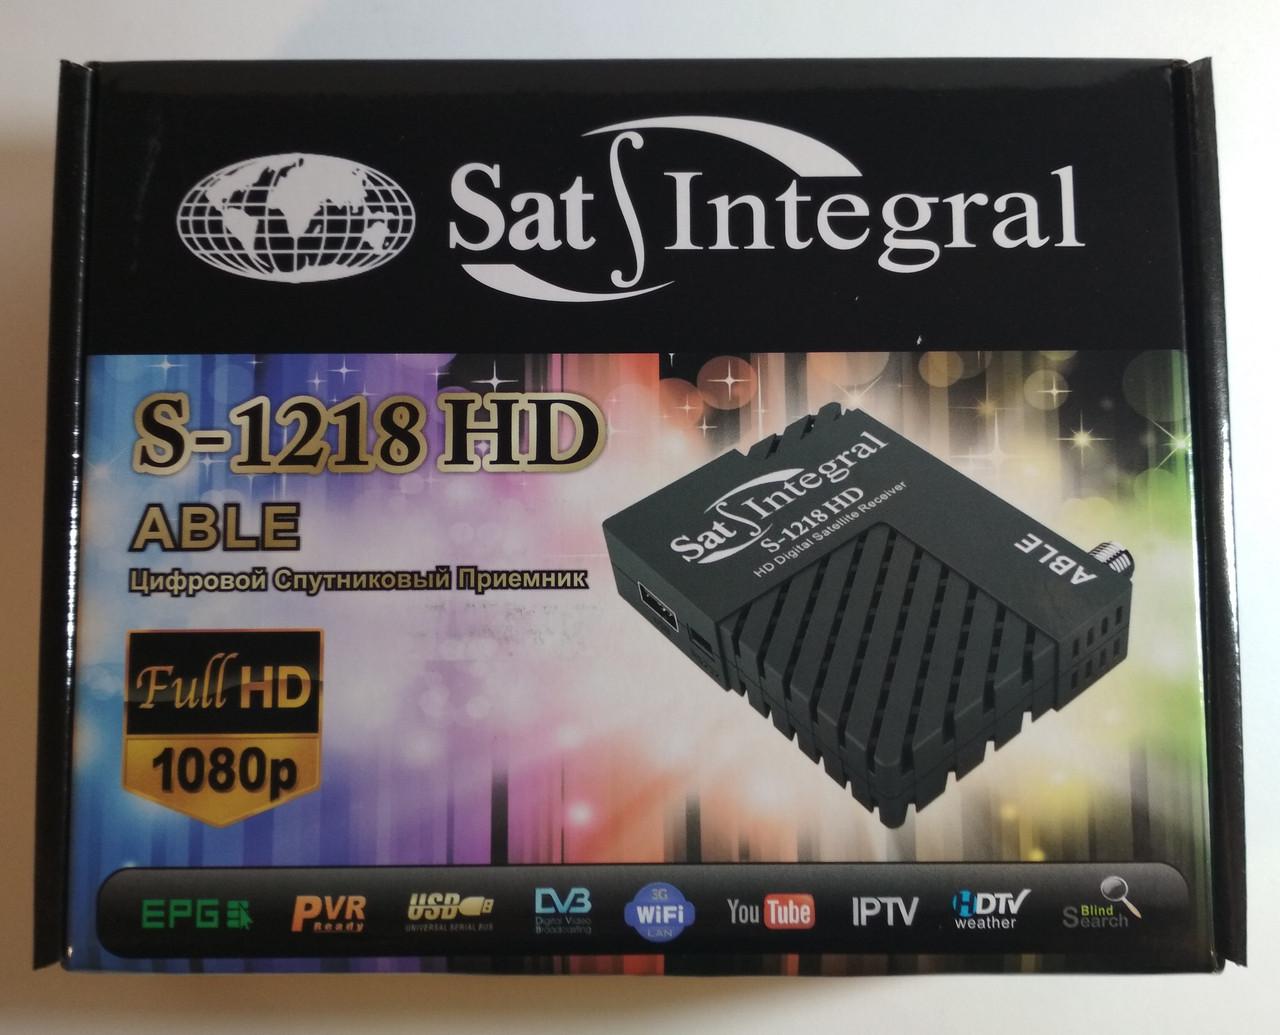 Спутниковый тюнер ресивер Sat-Integral S-1218 HD ABLE